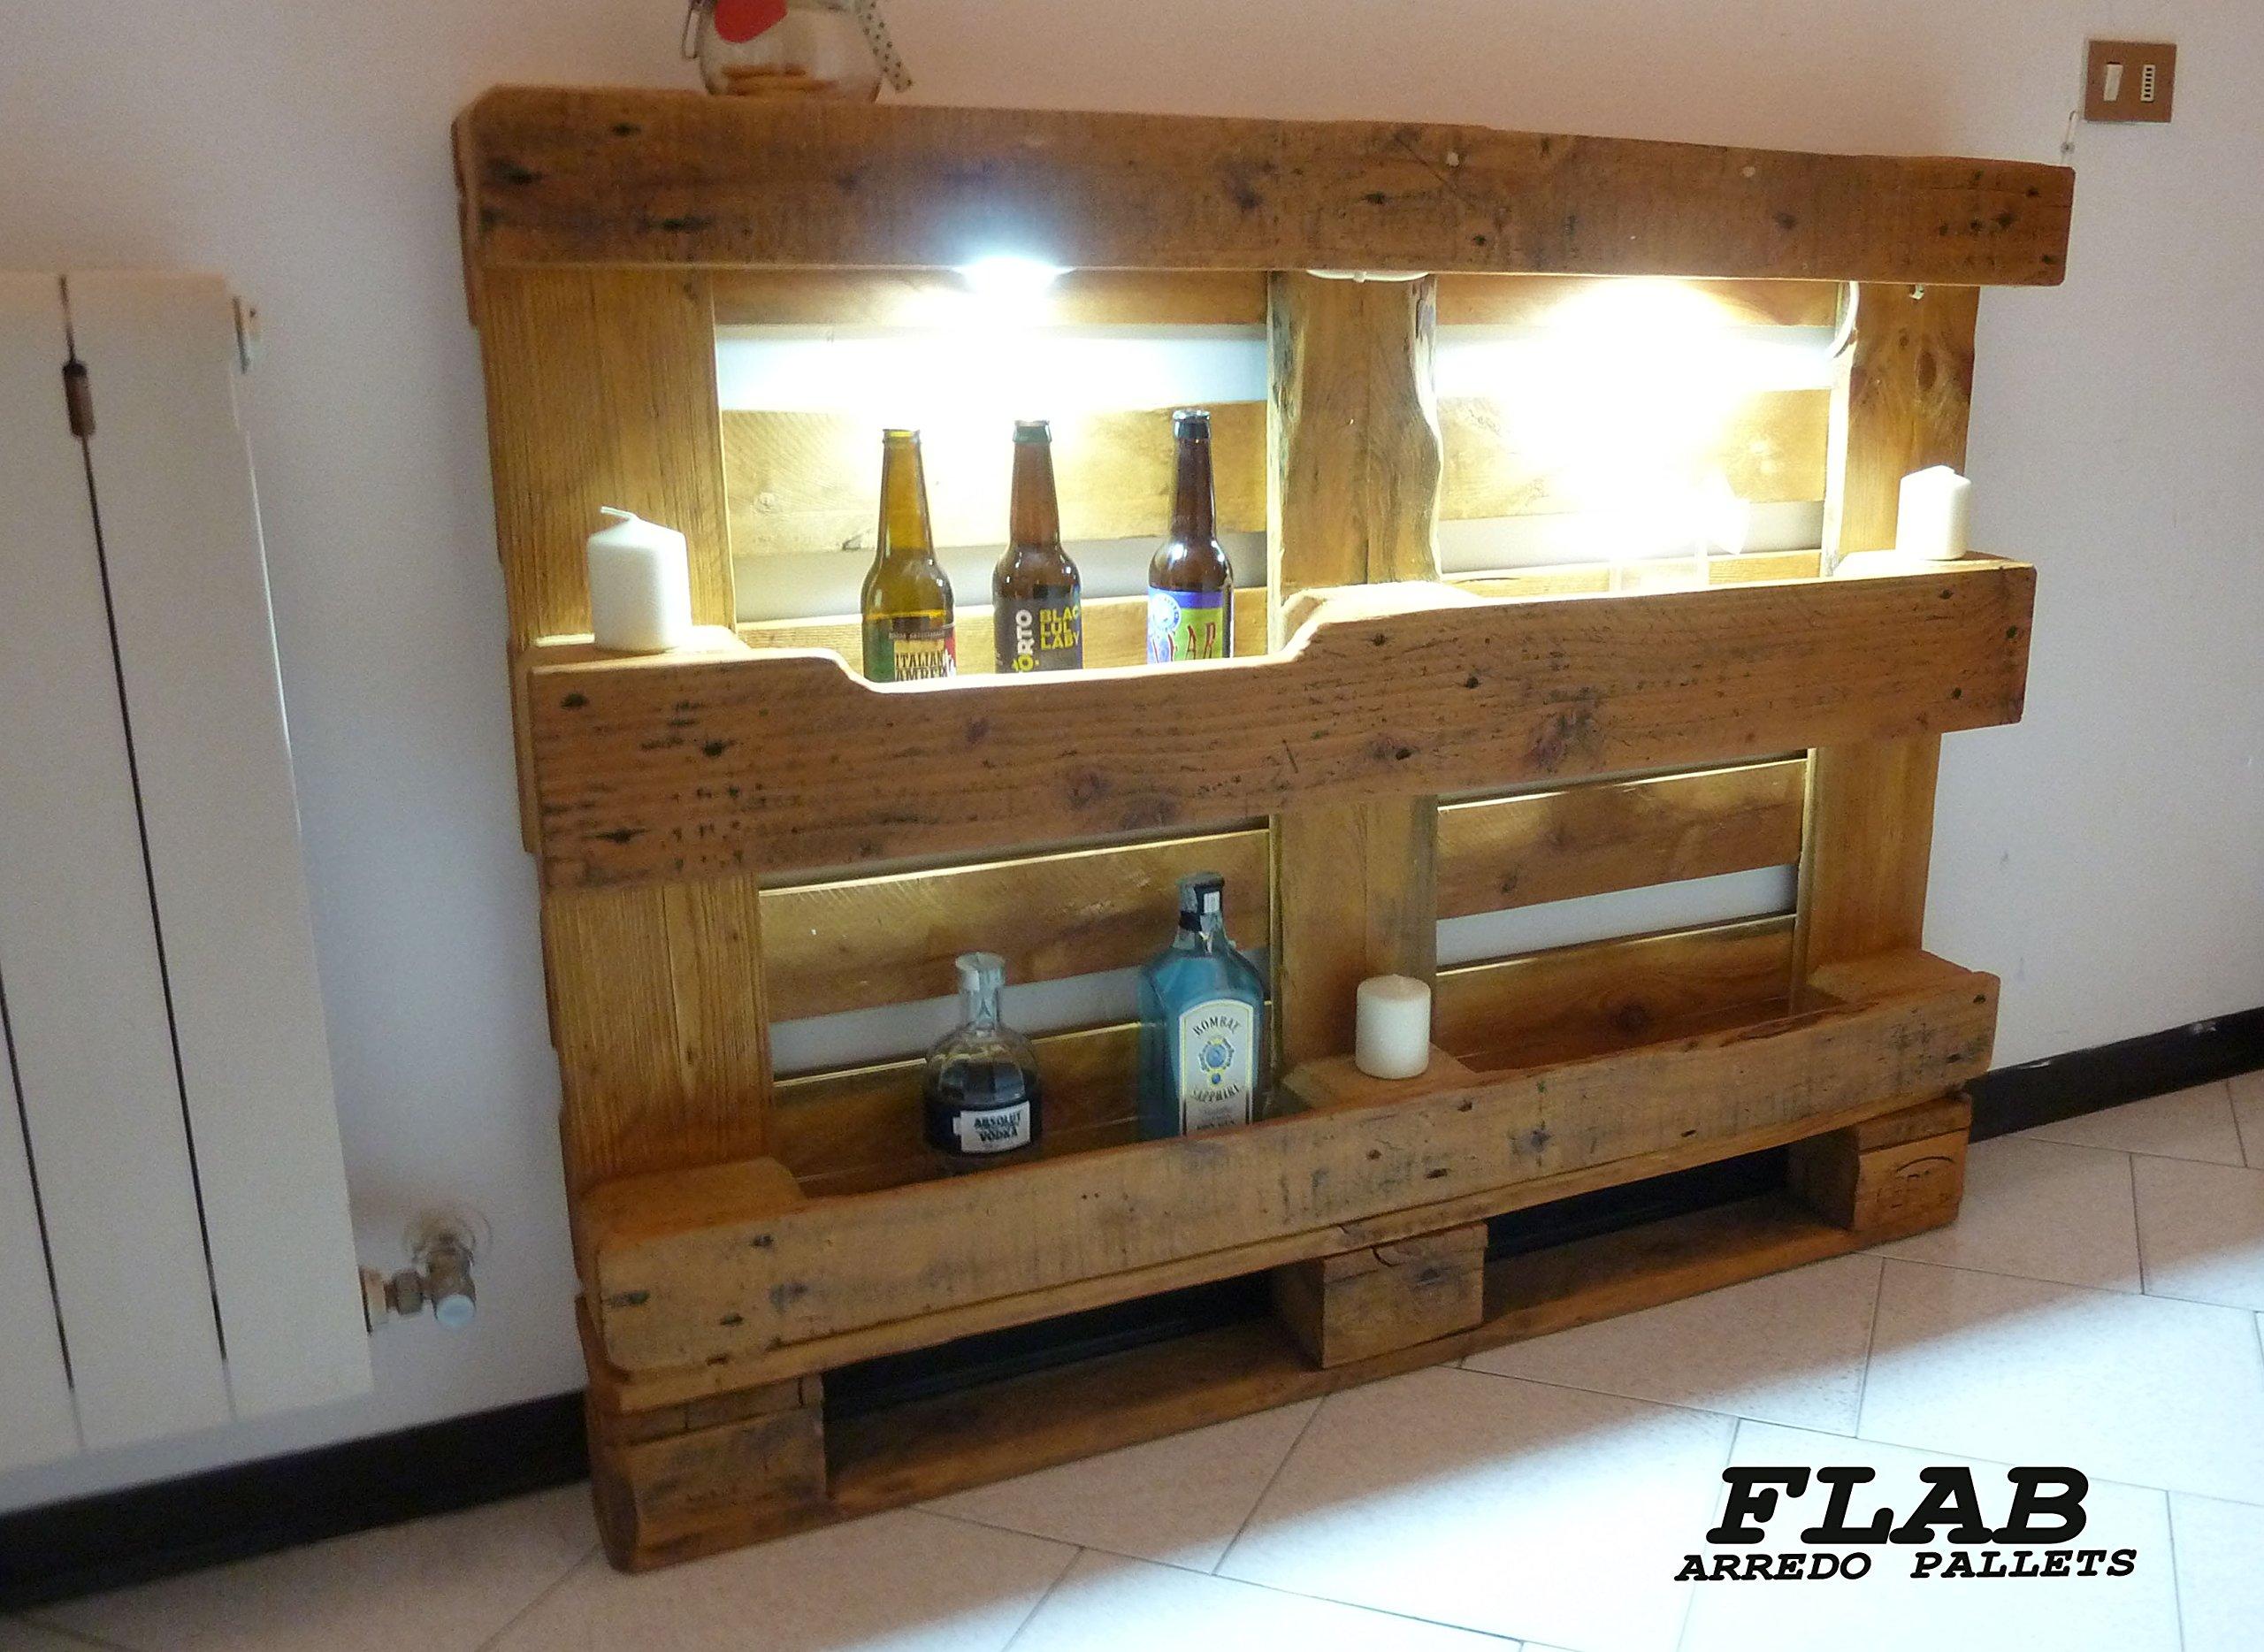 Console realizzata con bancale in legno, ideale per l'ingresso di casa.